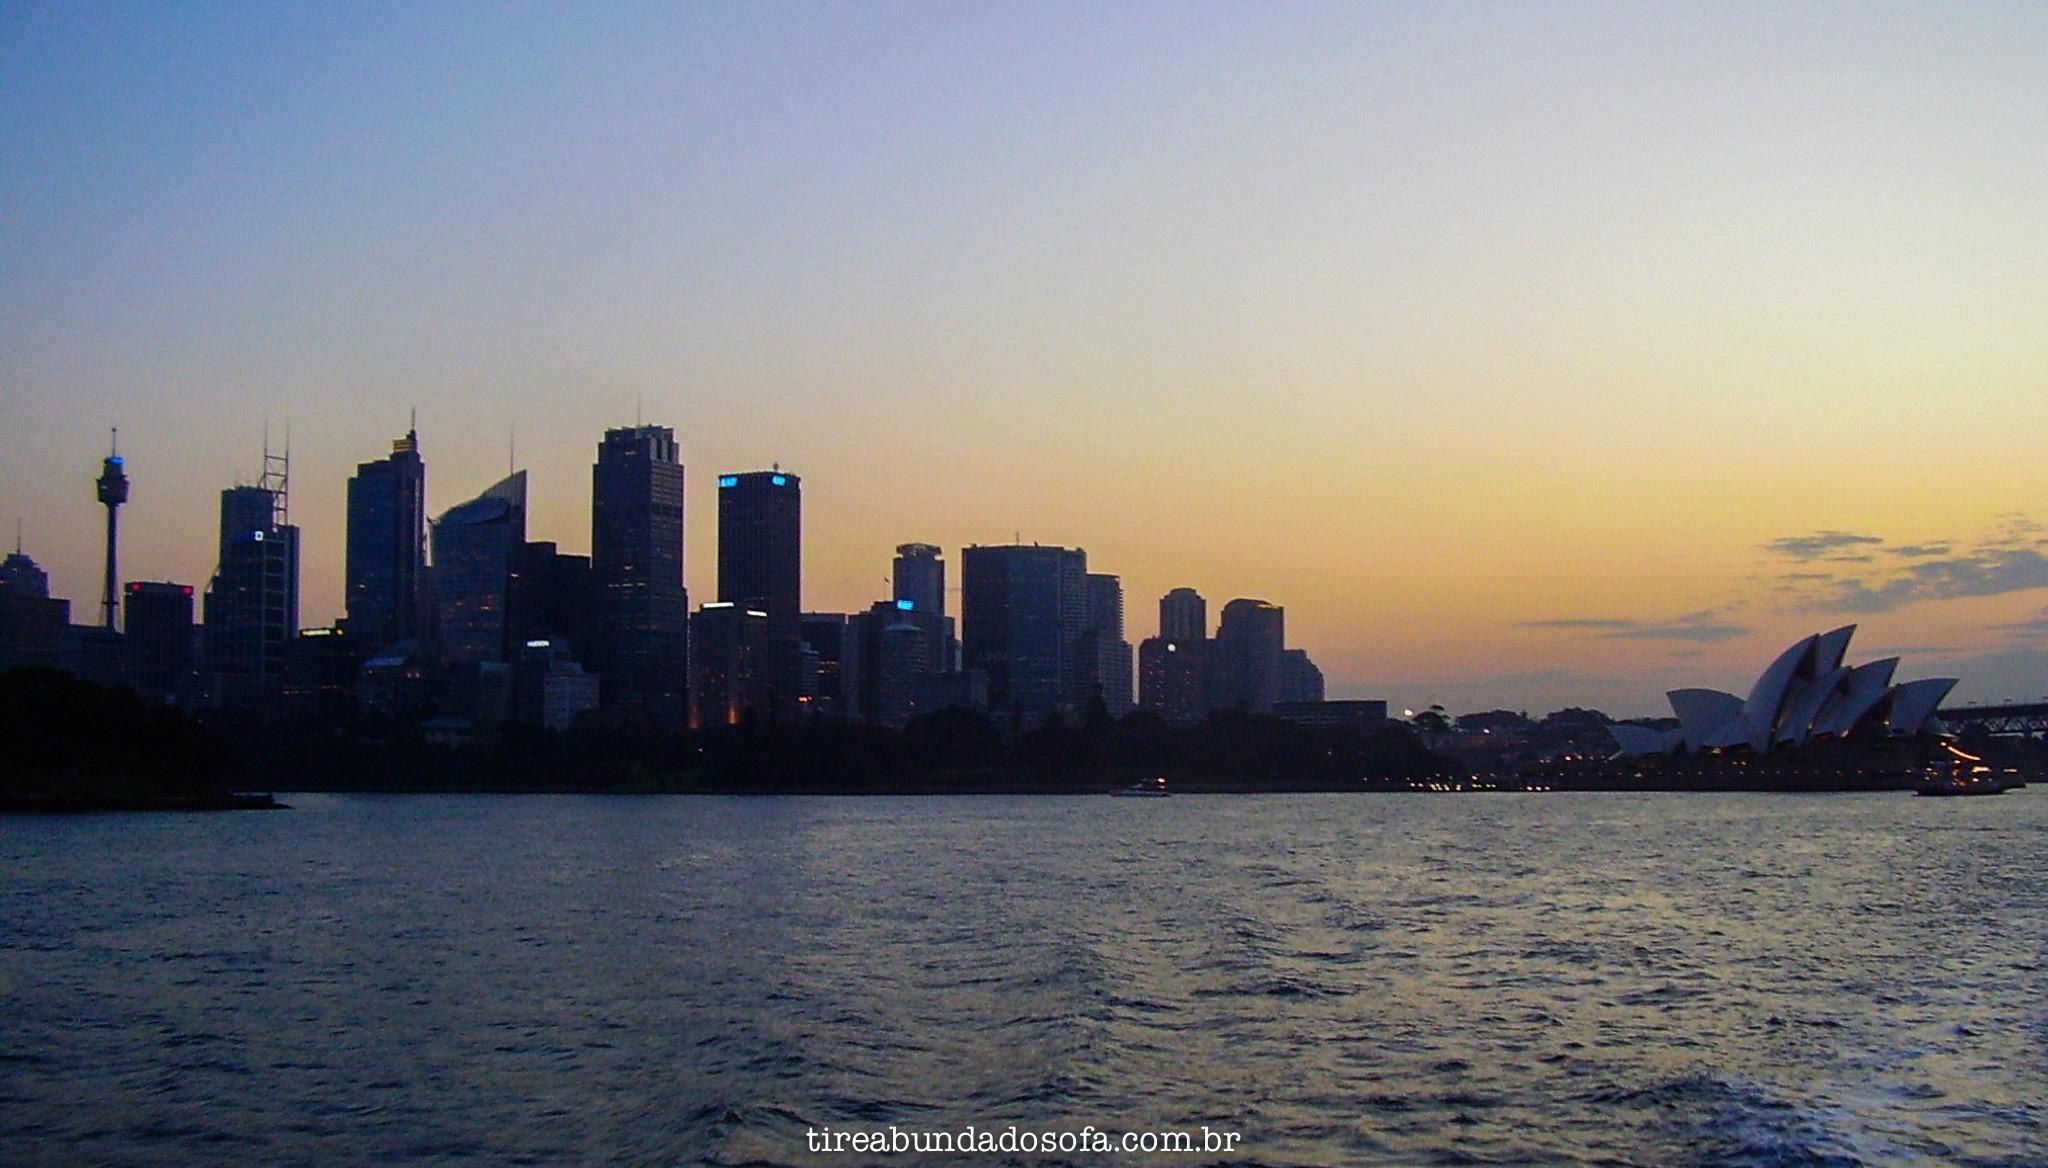 Foto do pôr do sol na Austrália, com o centro da capital ao fundo